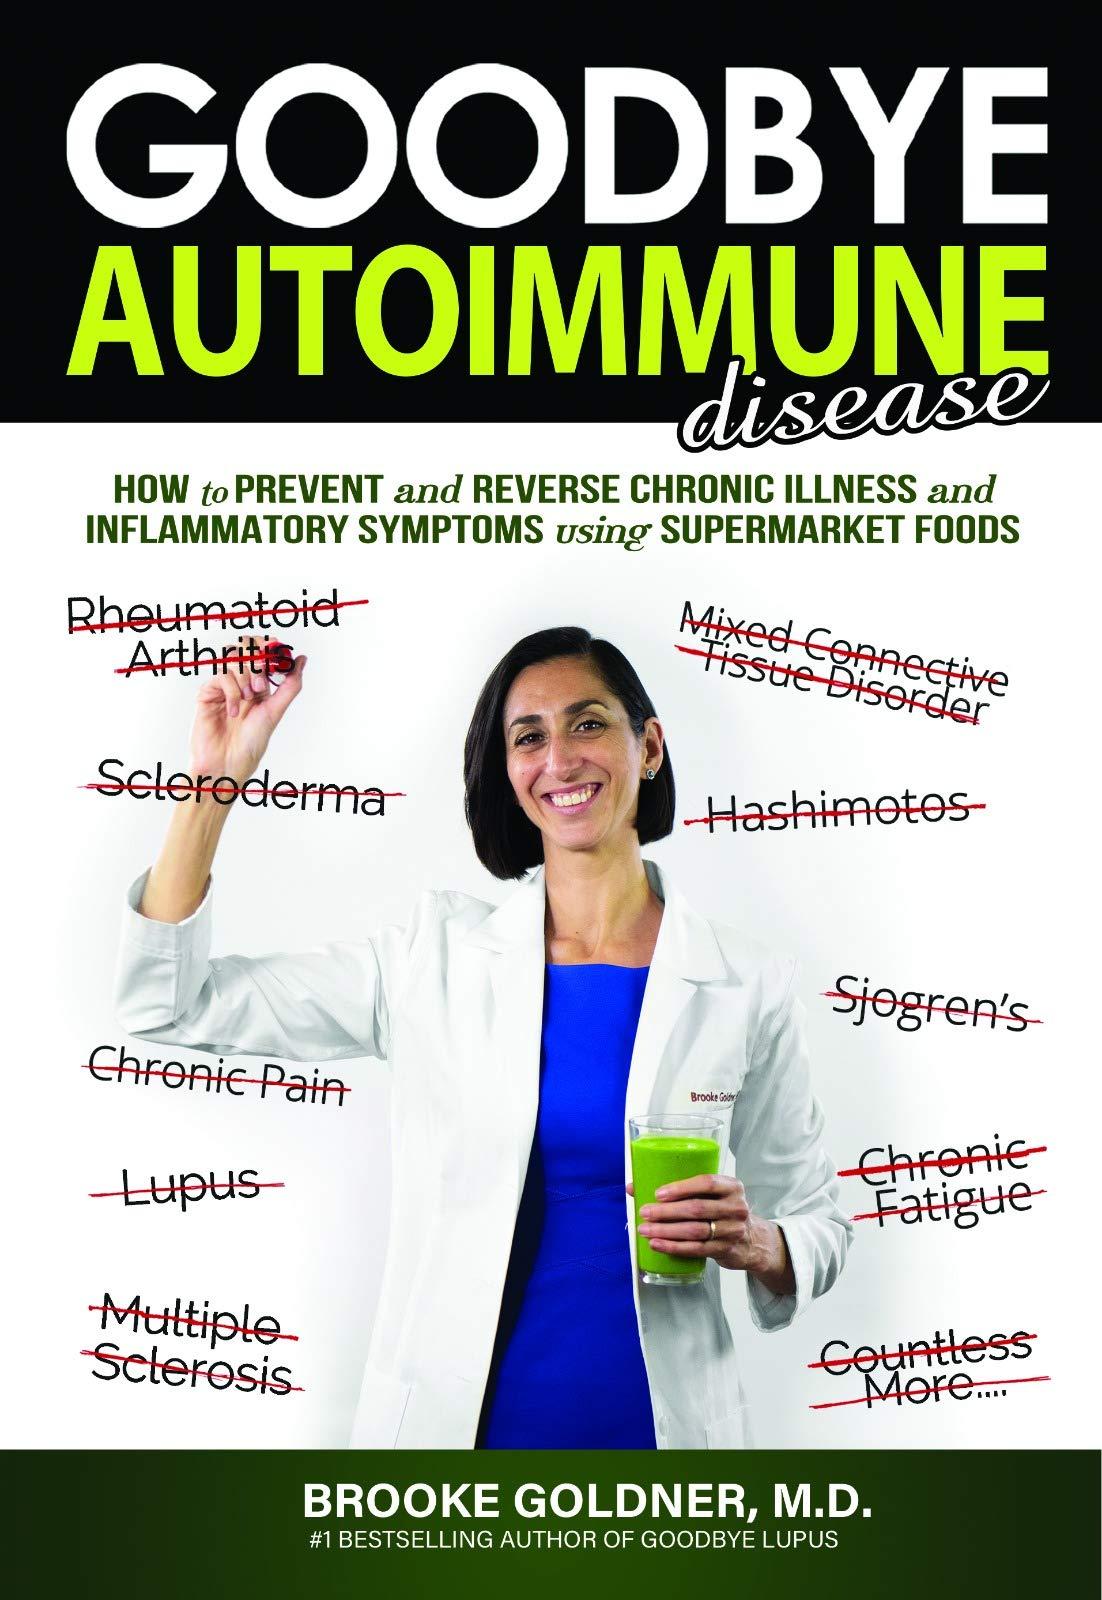 Goodbye Autoimmune Brooke Goldner product image